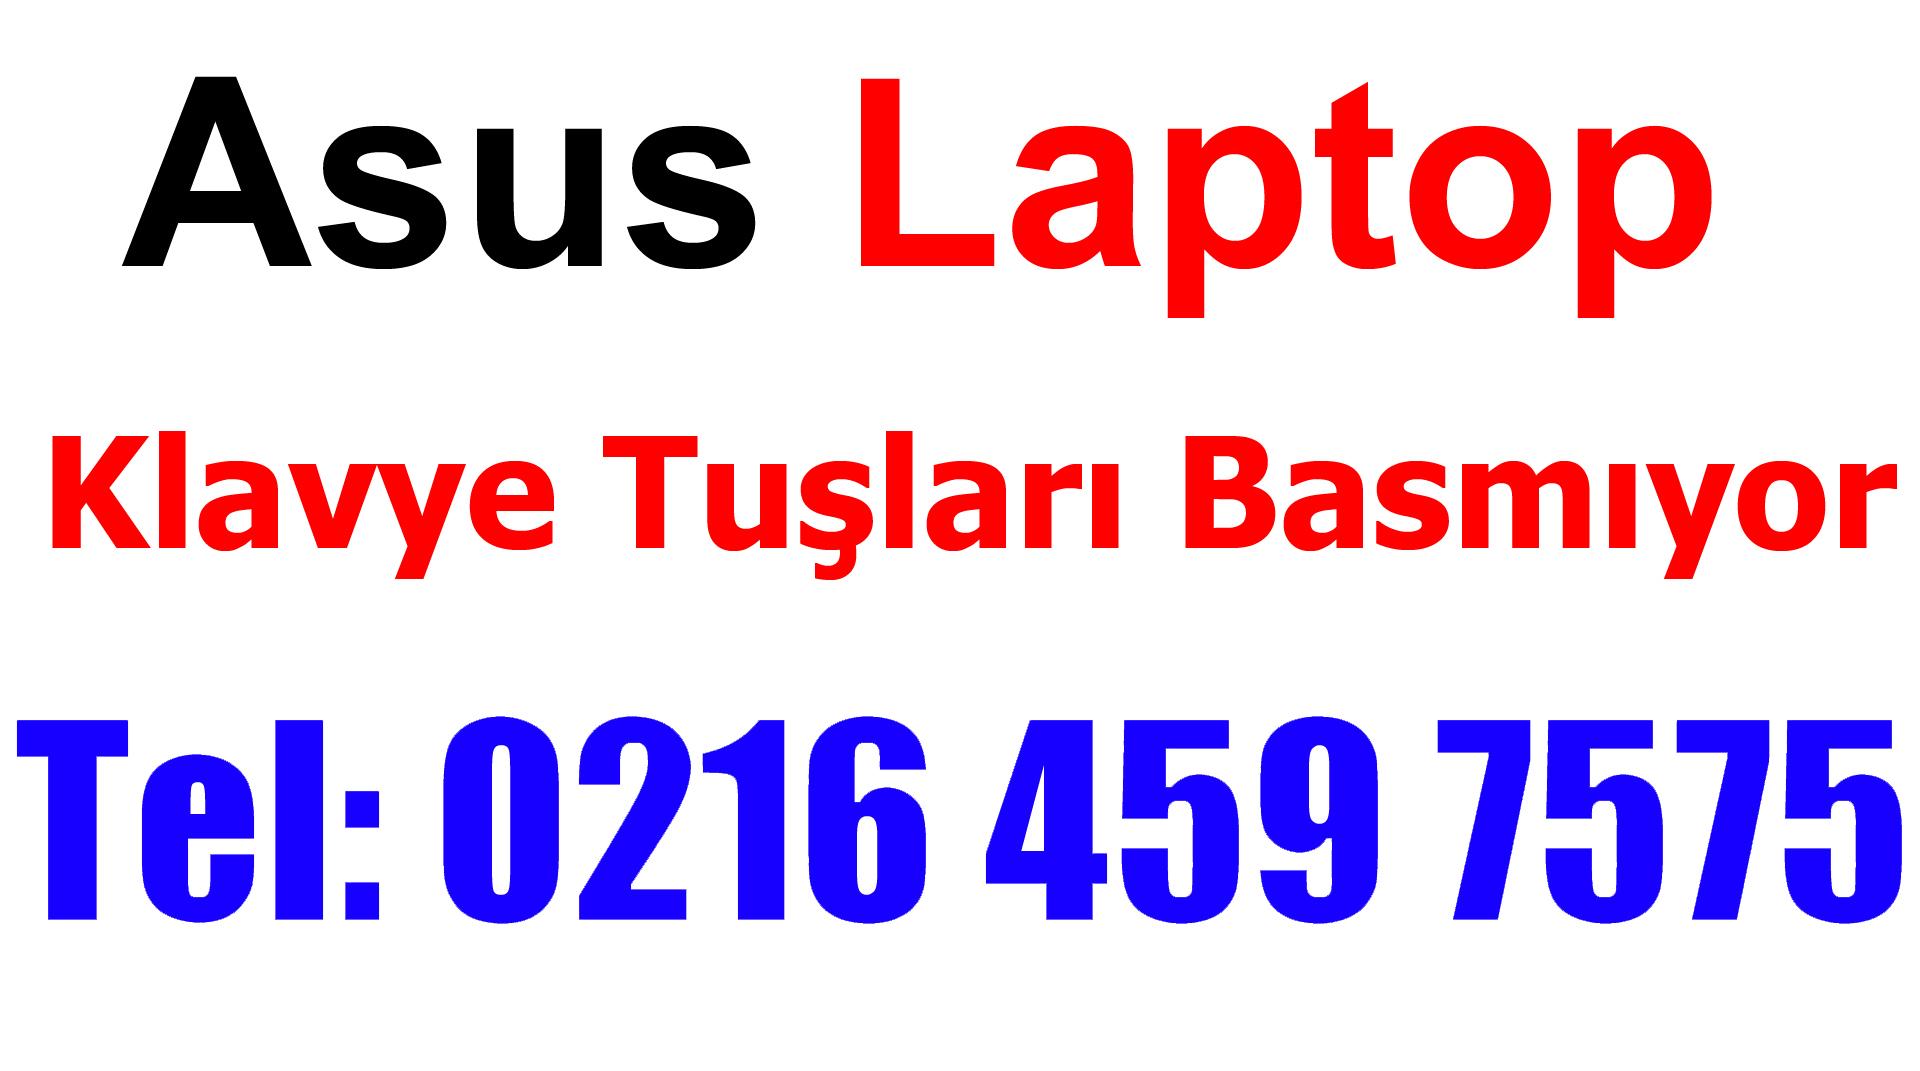 Asus Laptop Klavye Tuşları Basmıyor